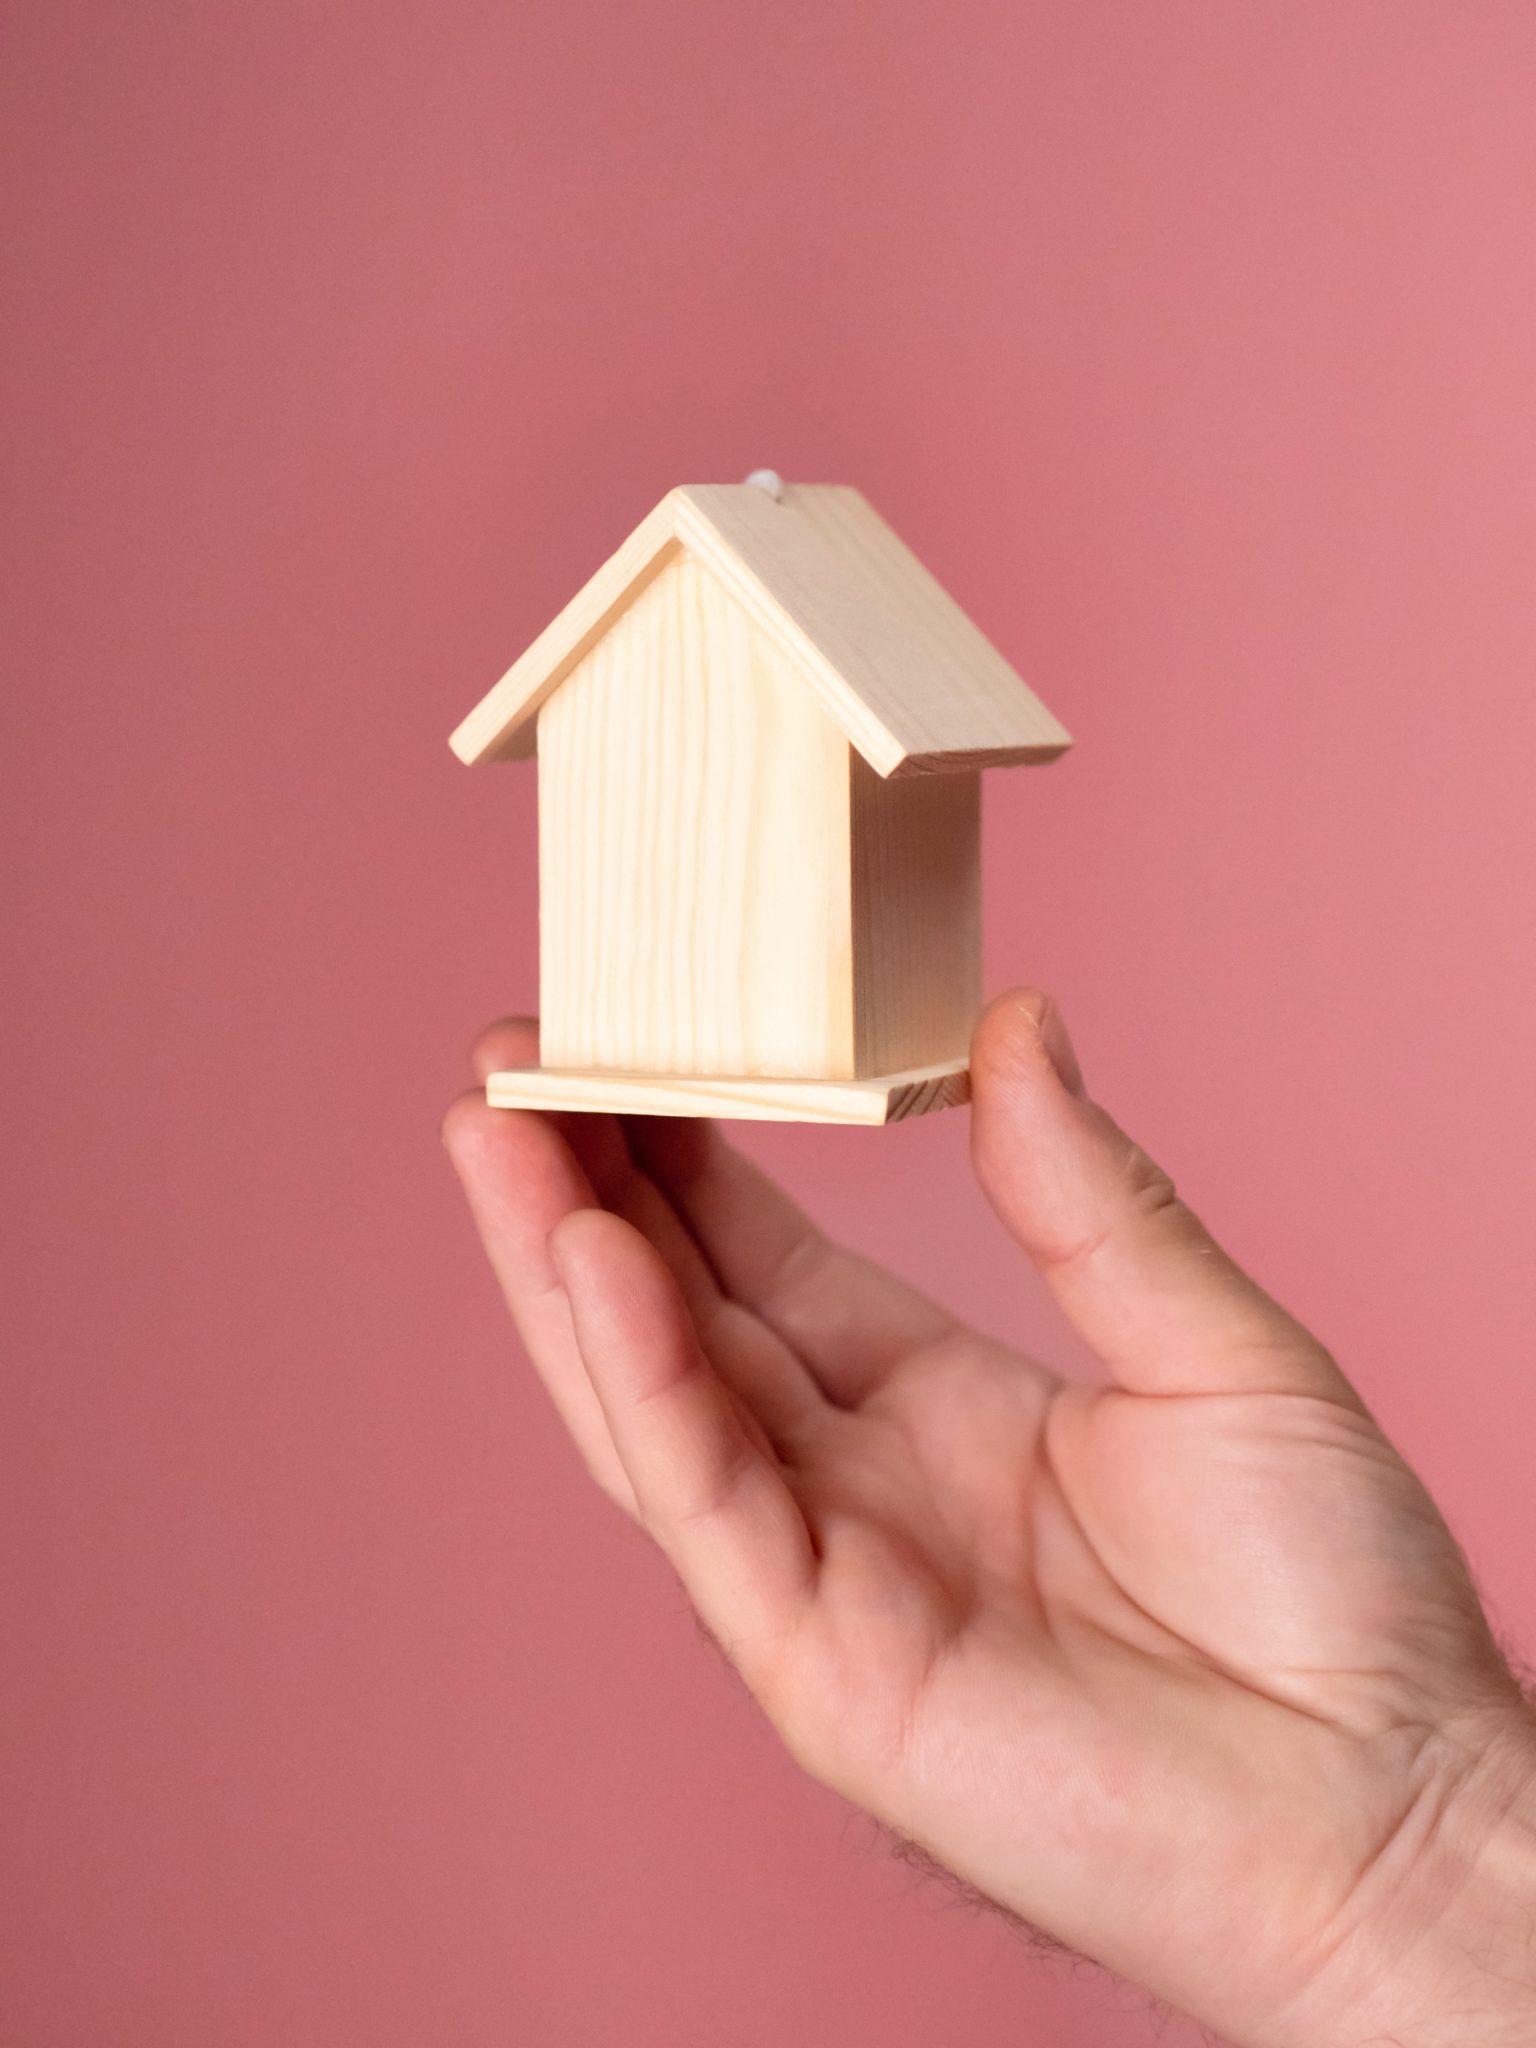 Cómo comprar casa sin crédito Infonavit